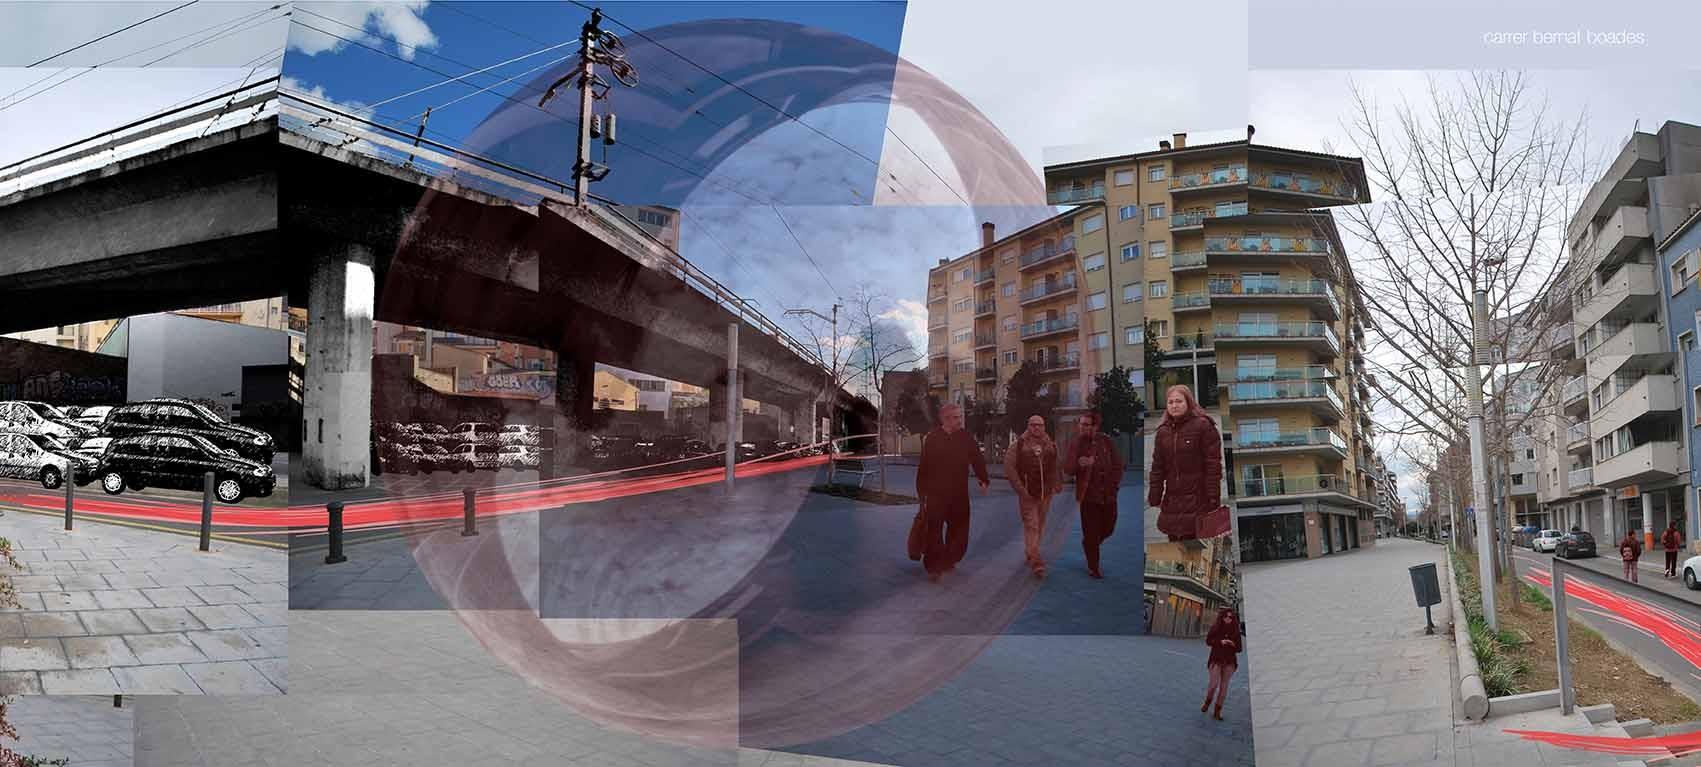 Sección: calle Bernat Boades. Image Cortesia de Chiara Signoroni y Manuela Scotti